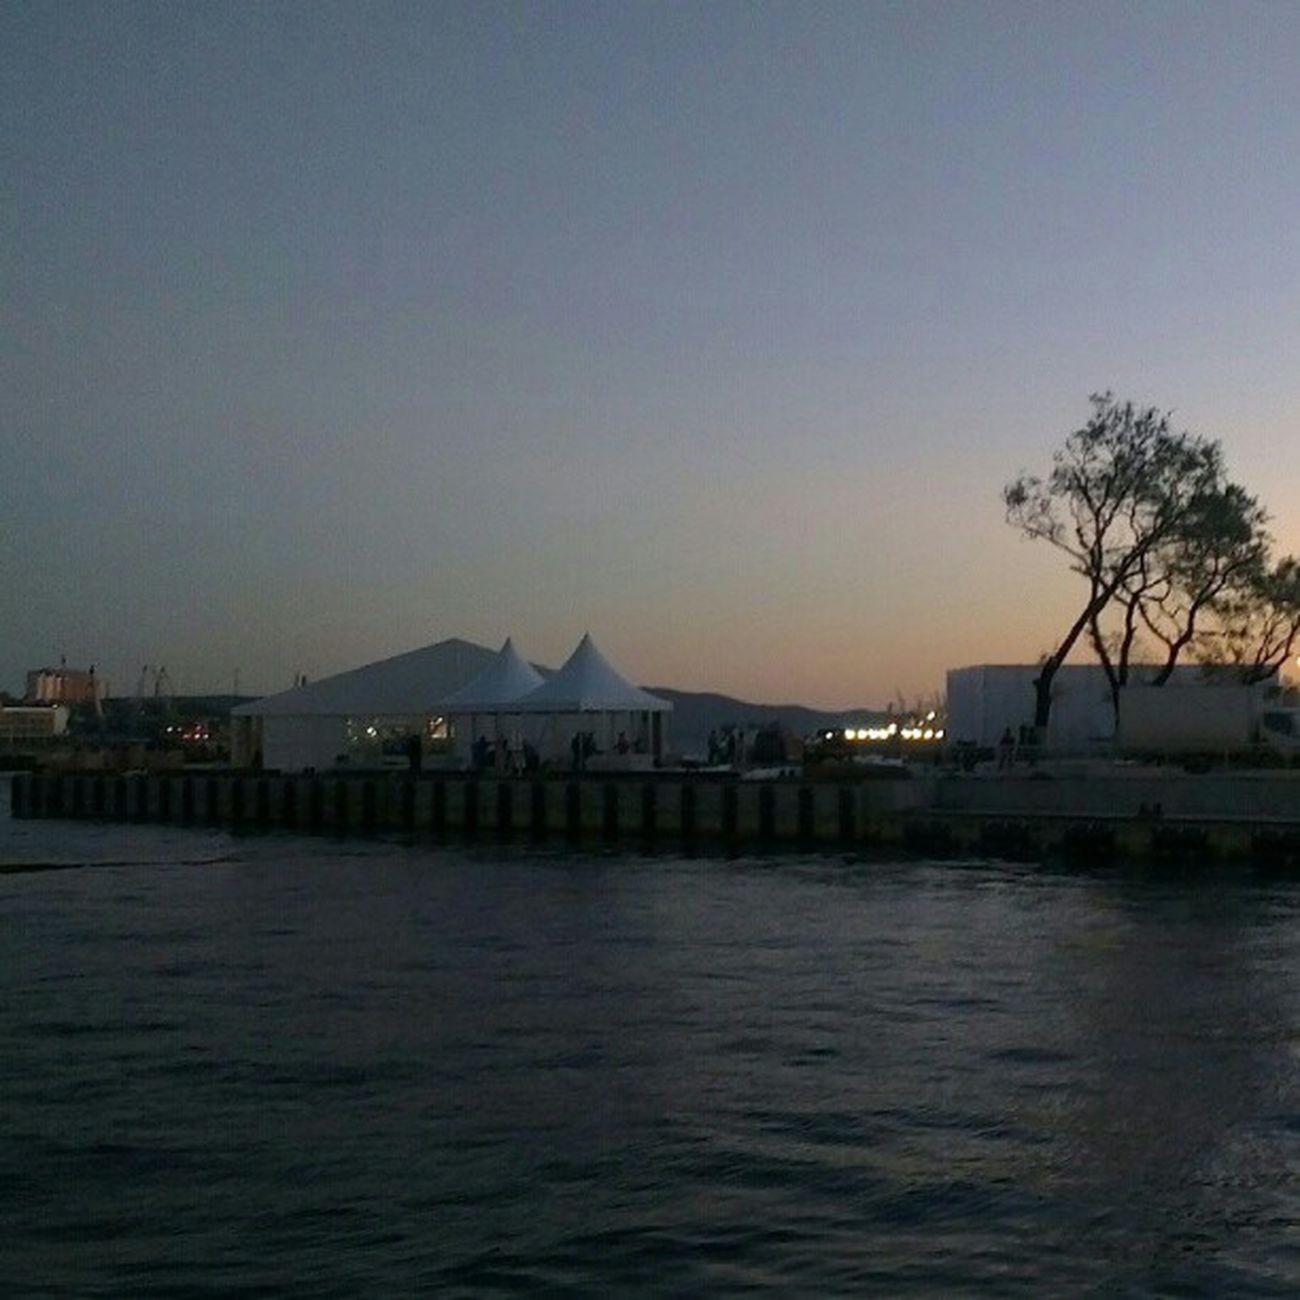 Кто знает что за мероприятие  саммит а здесь будет? Зачем палатки на 33-м?  Владивосток  саммит APEC2012